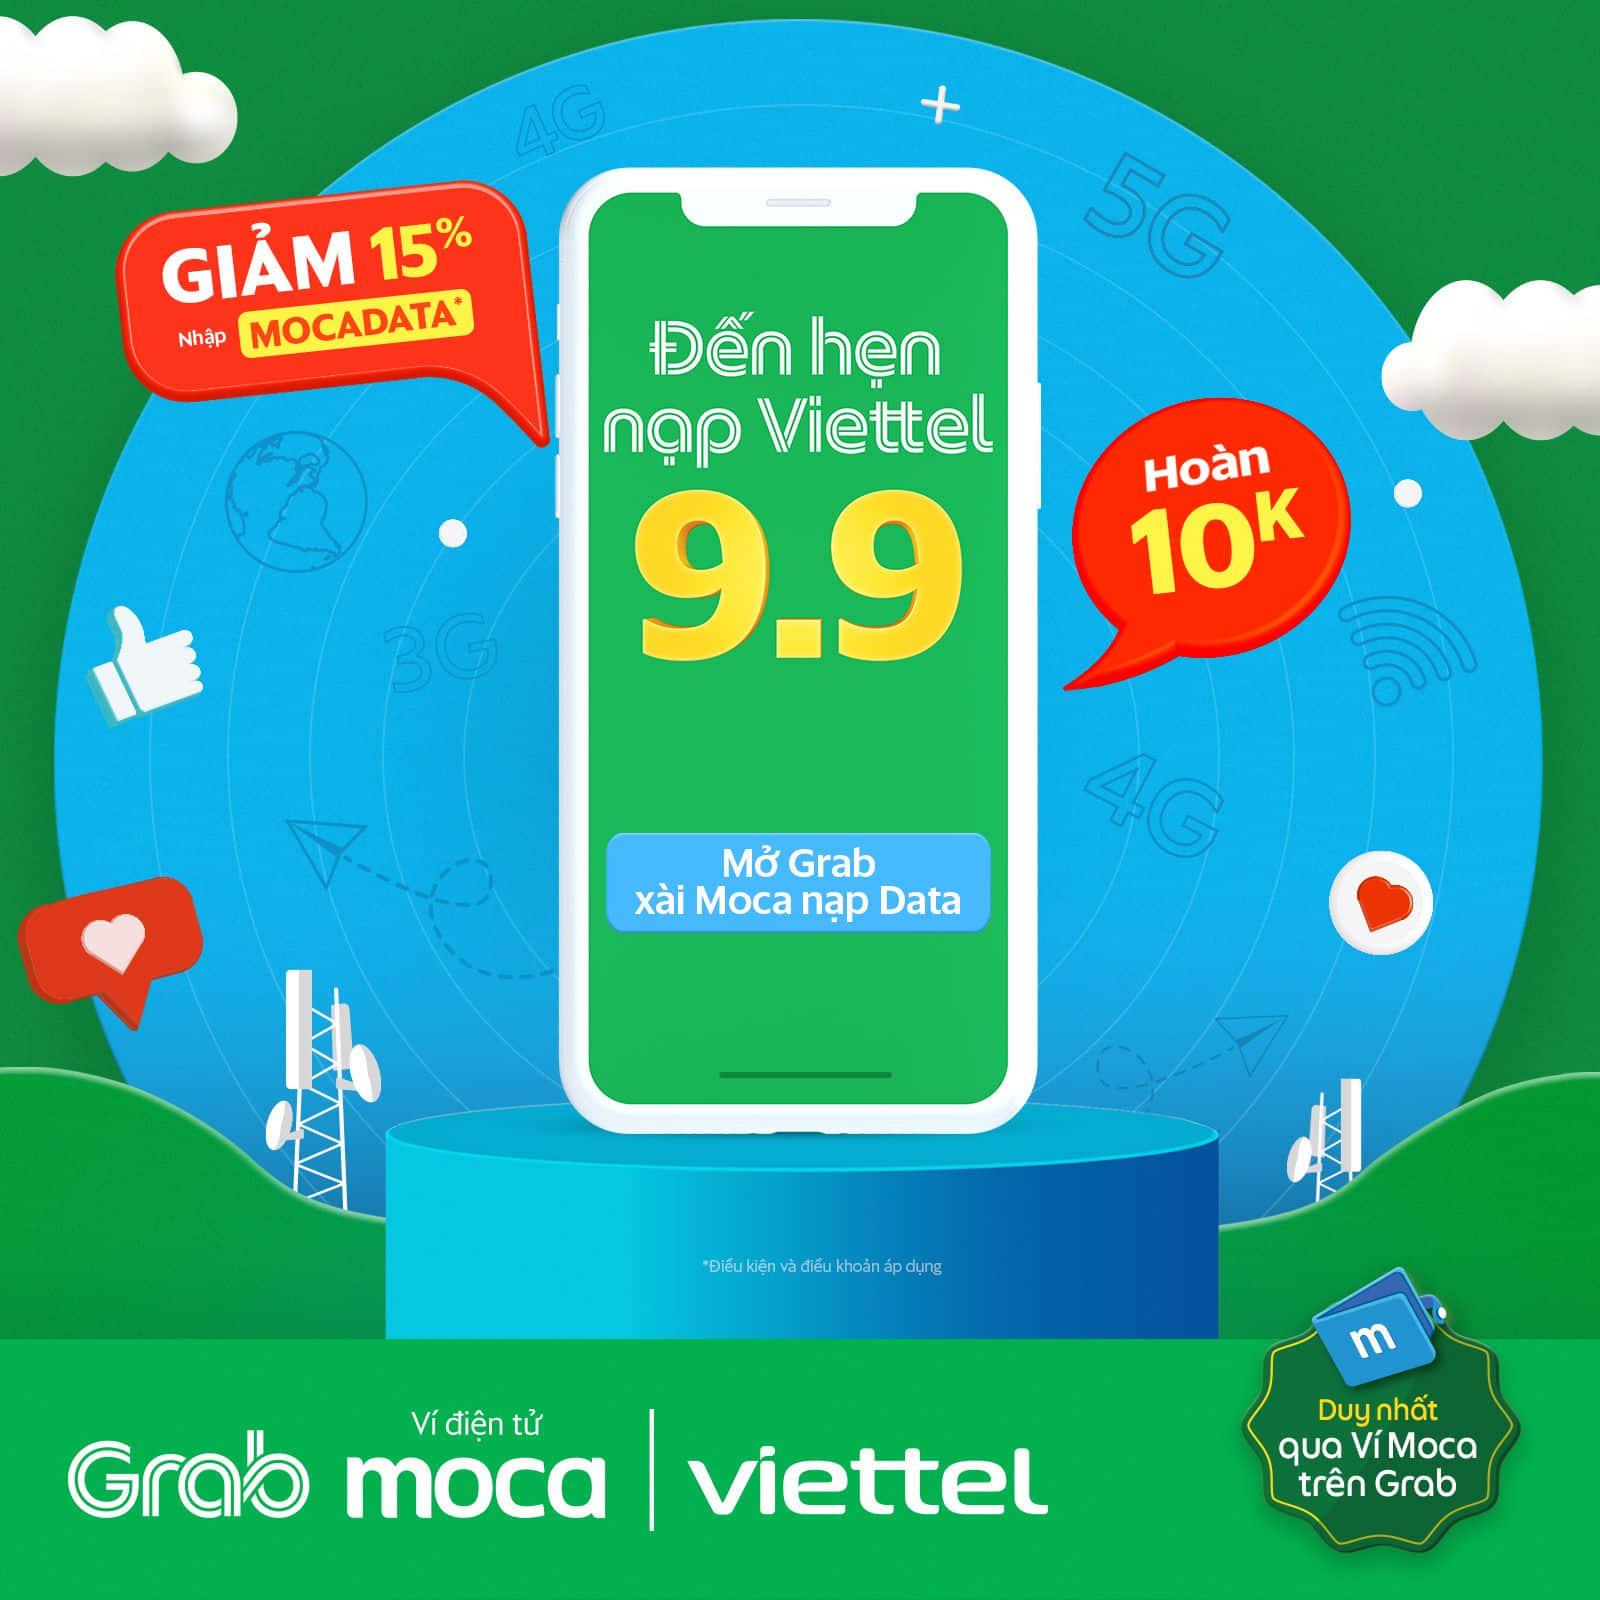 Nạp Data Viettel giảm ngay 15% và hoàn 10K